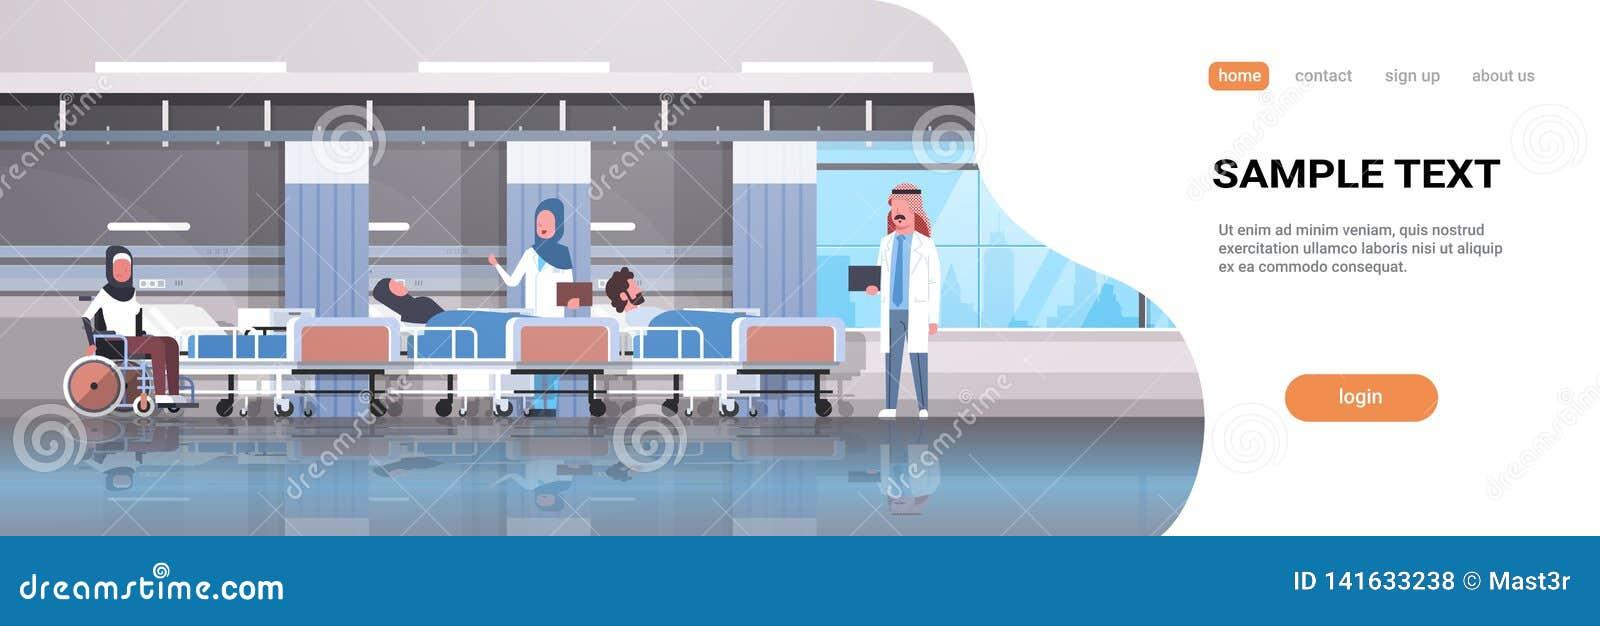 Det arabiska doktorslaget som besöker rörelsehindrade arabiska patienter som sitter terapi för säng för rullstol liggande intensi